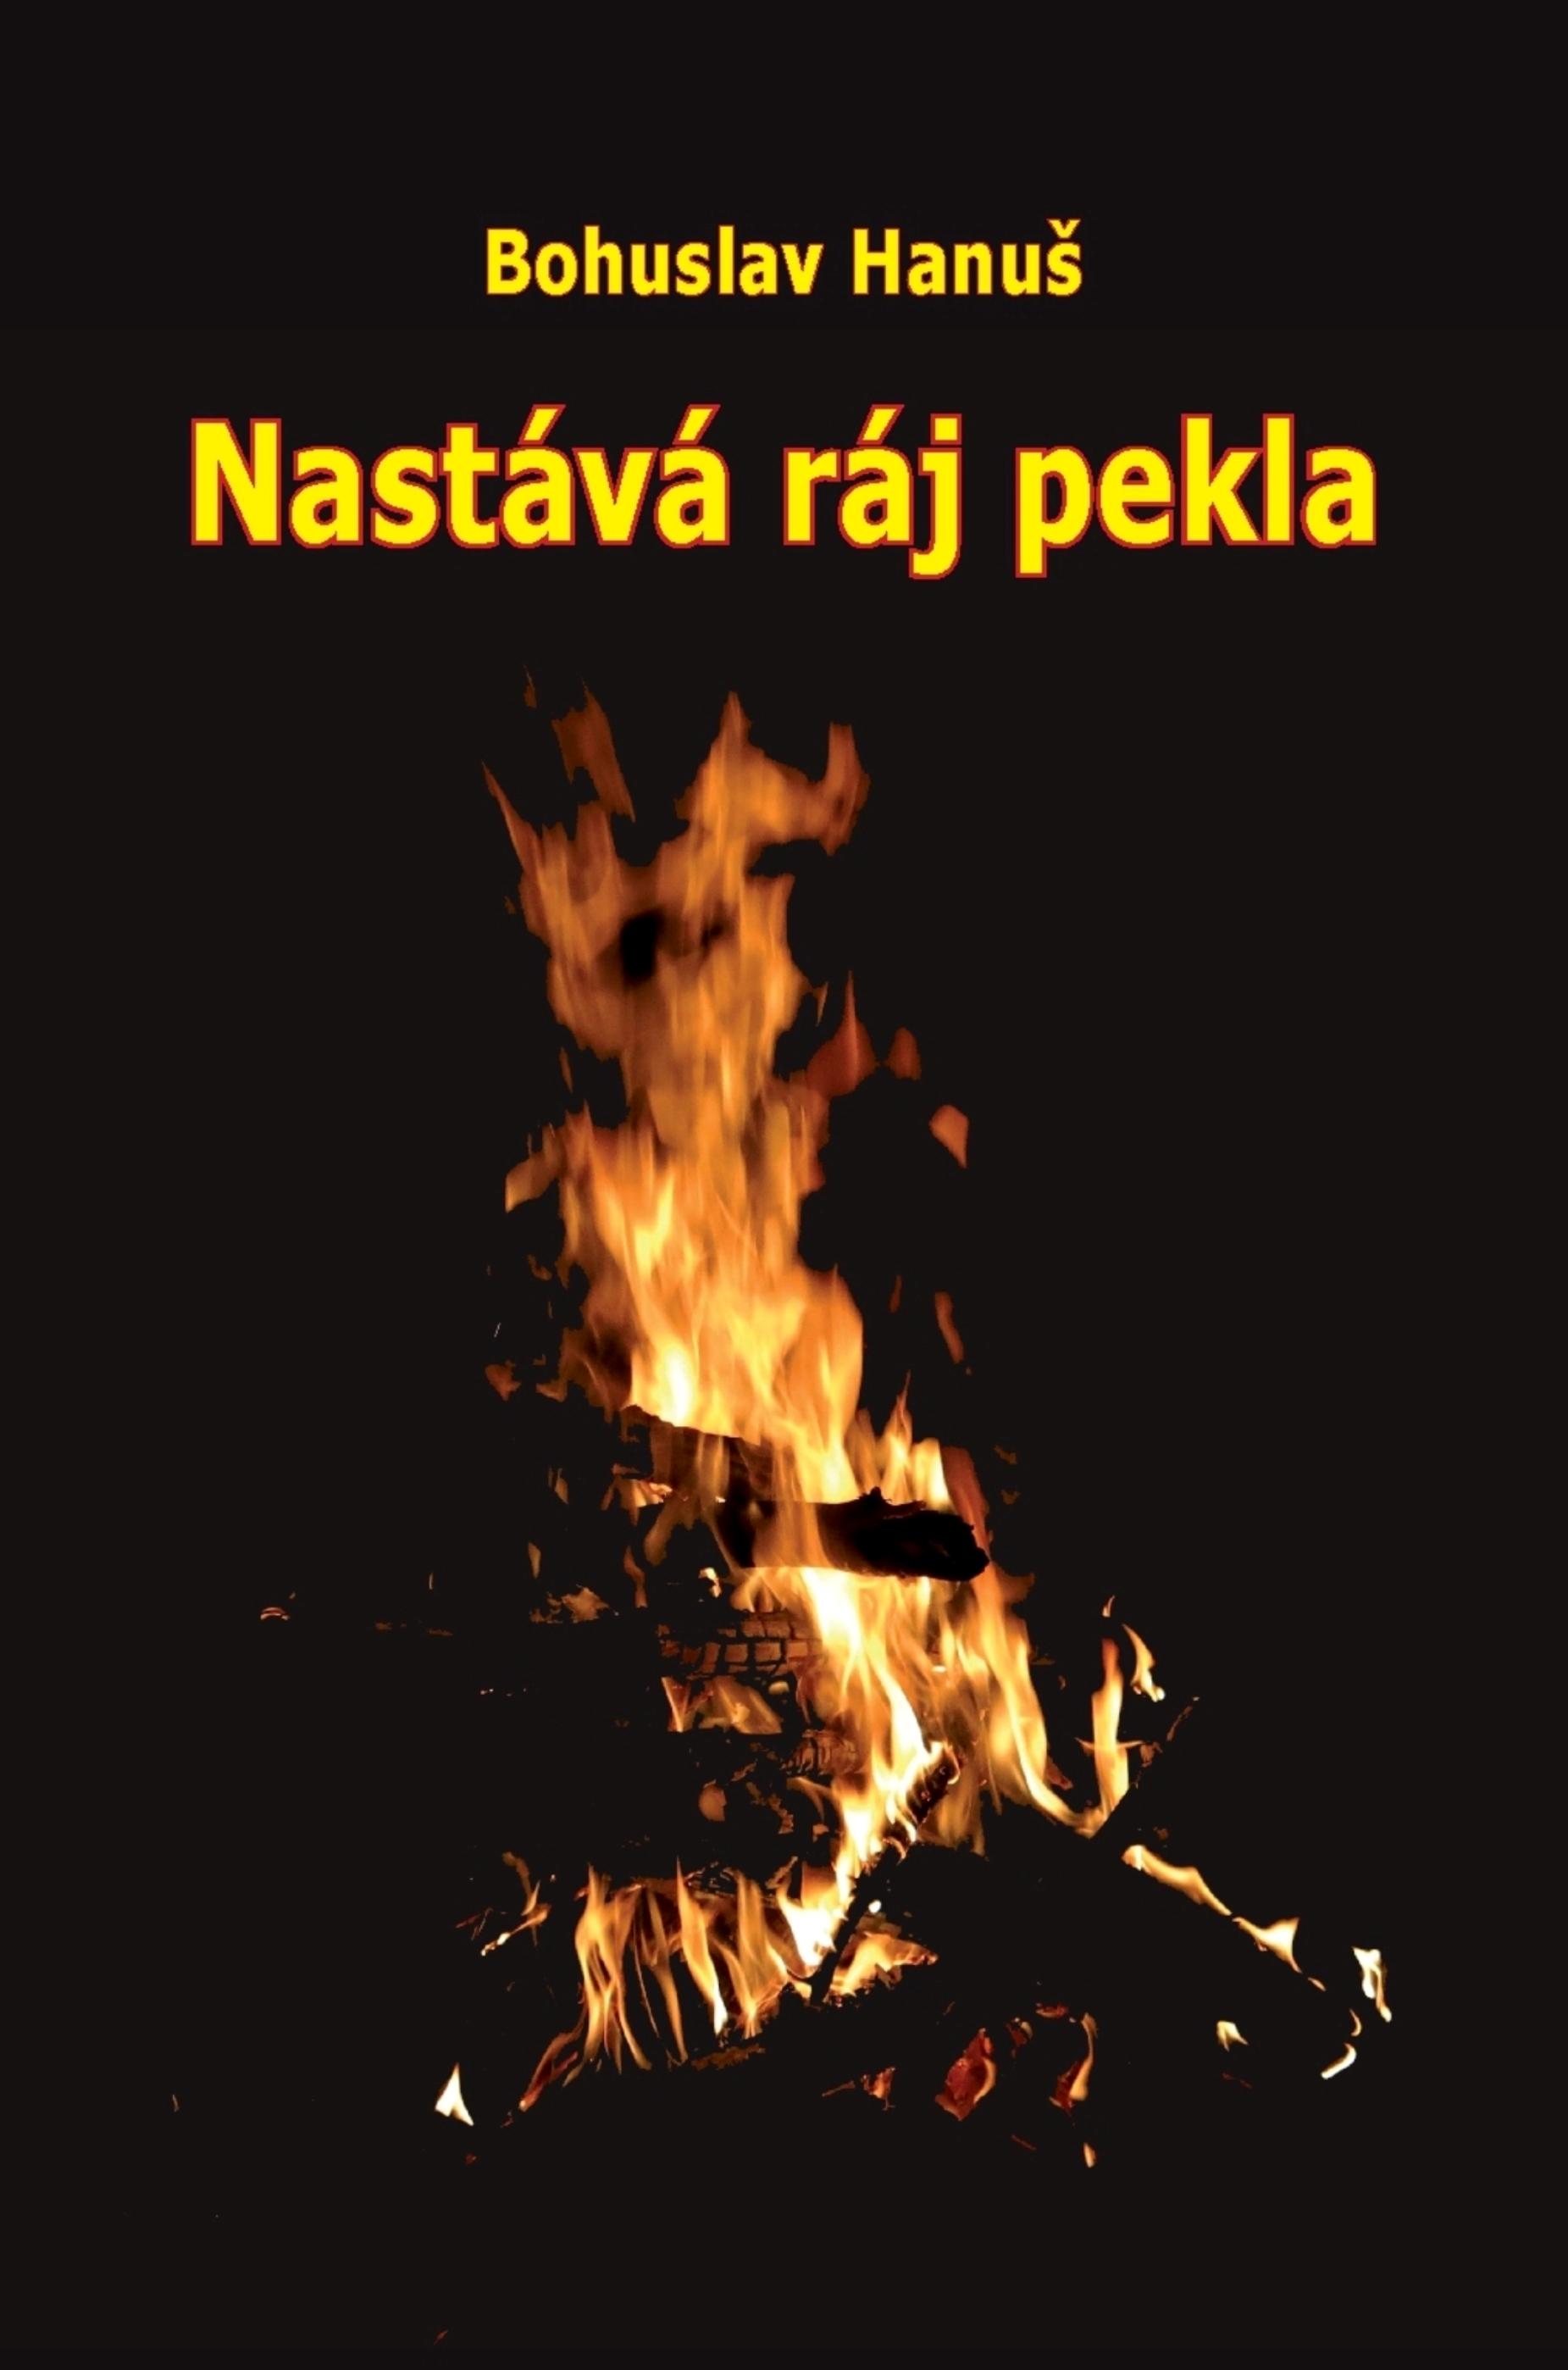 Nastává ráj pekla – Bohuslav Hanuš